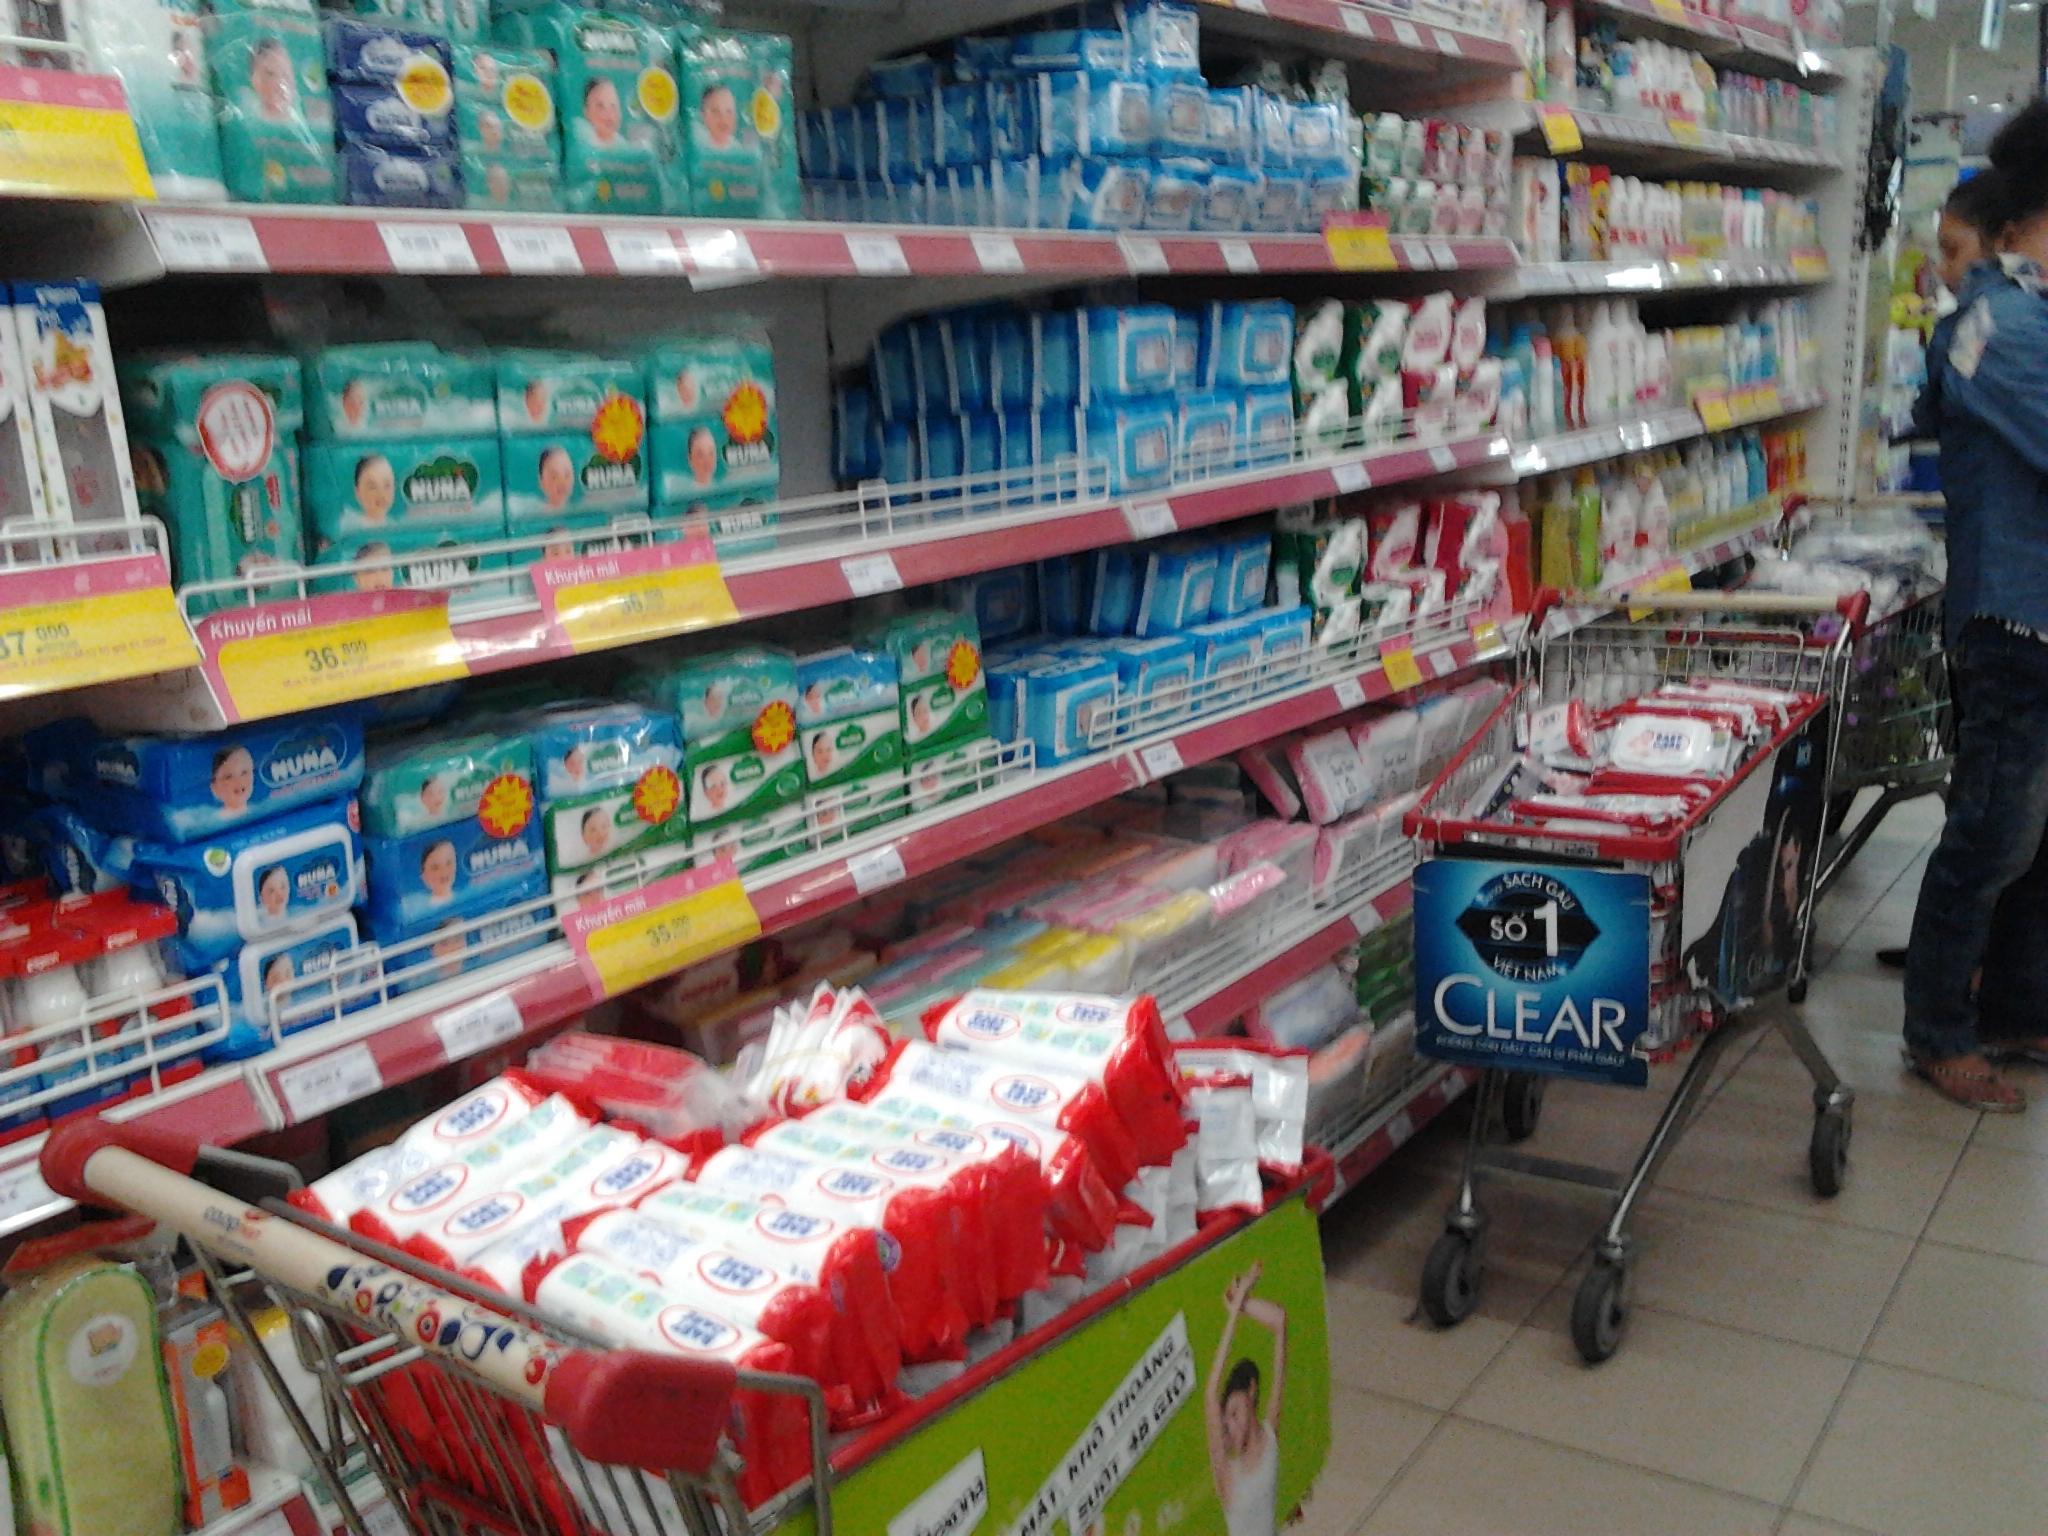 Sản phẩm khăn ướt của Công ty Việt Úc bị toàn hệ thống siêu thị Saigon Co-op mart rút khỏi quầy, tạm ngưng bán vì thông tin nhãn mác, chất lượng không đảm bảo